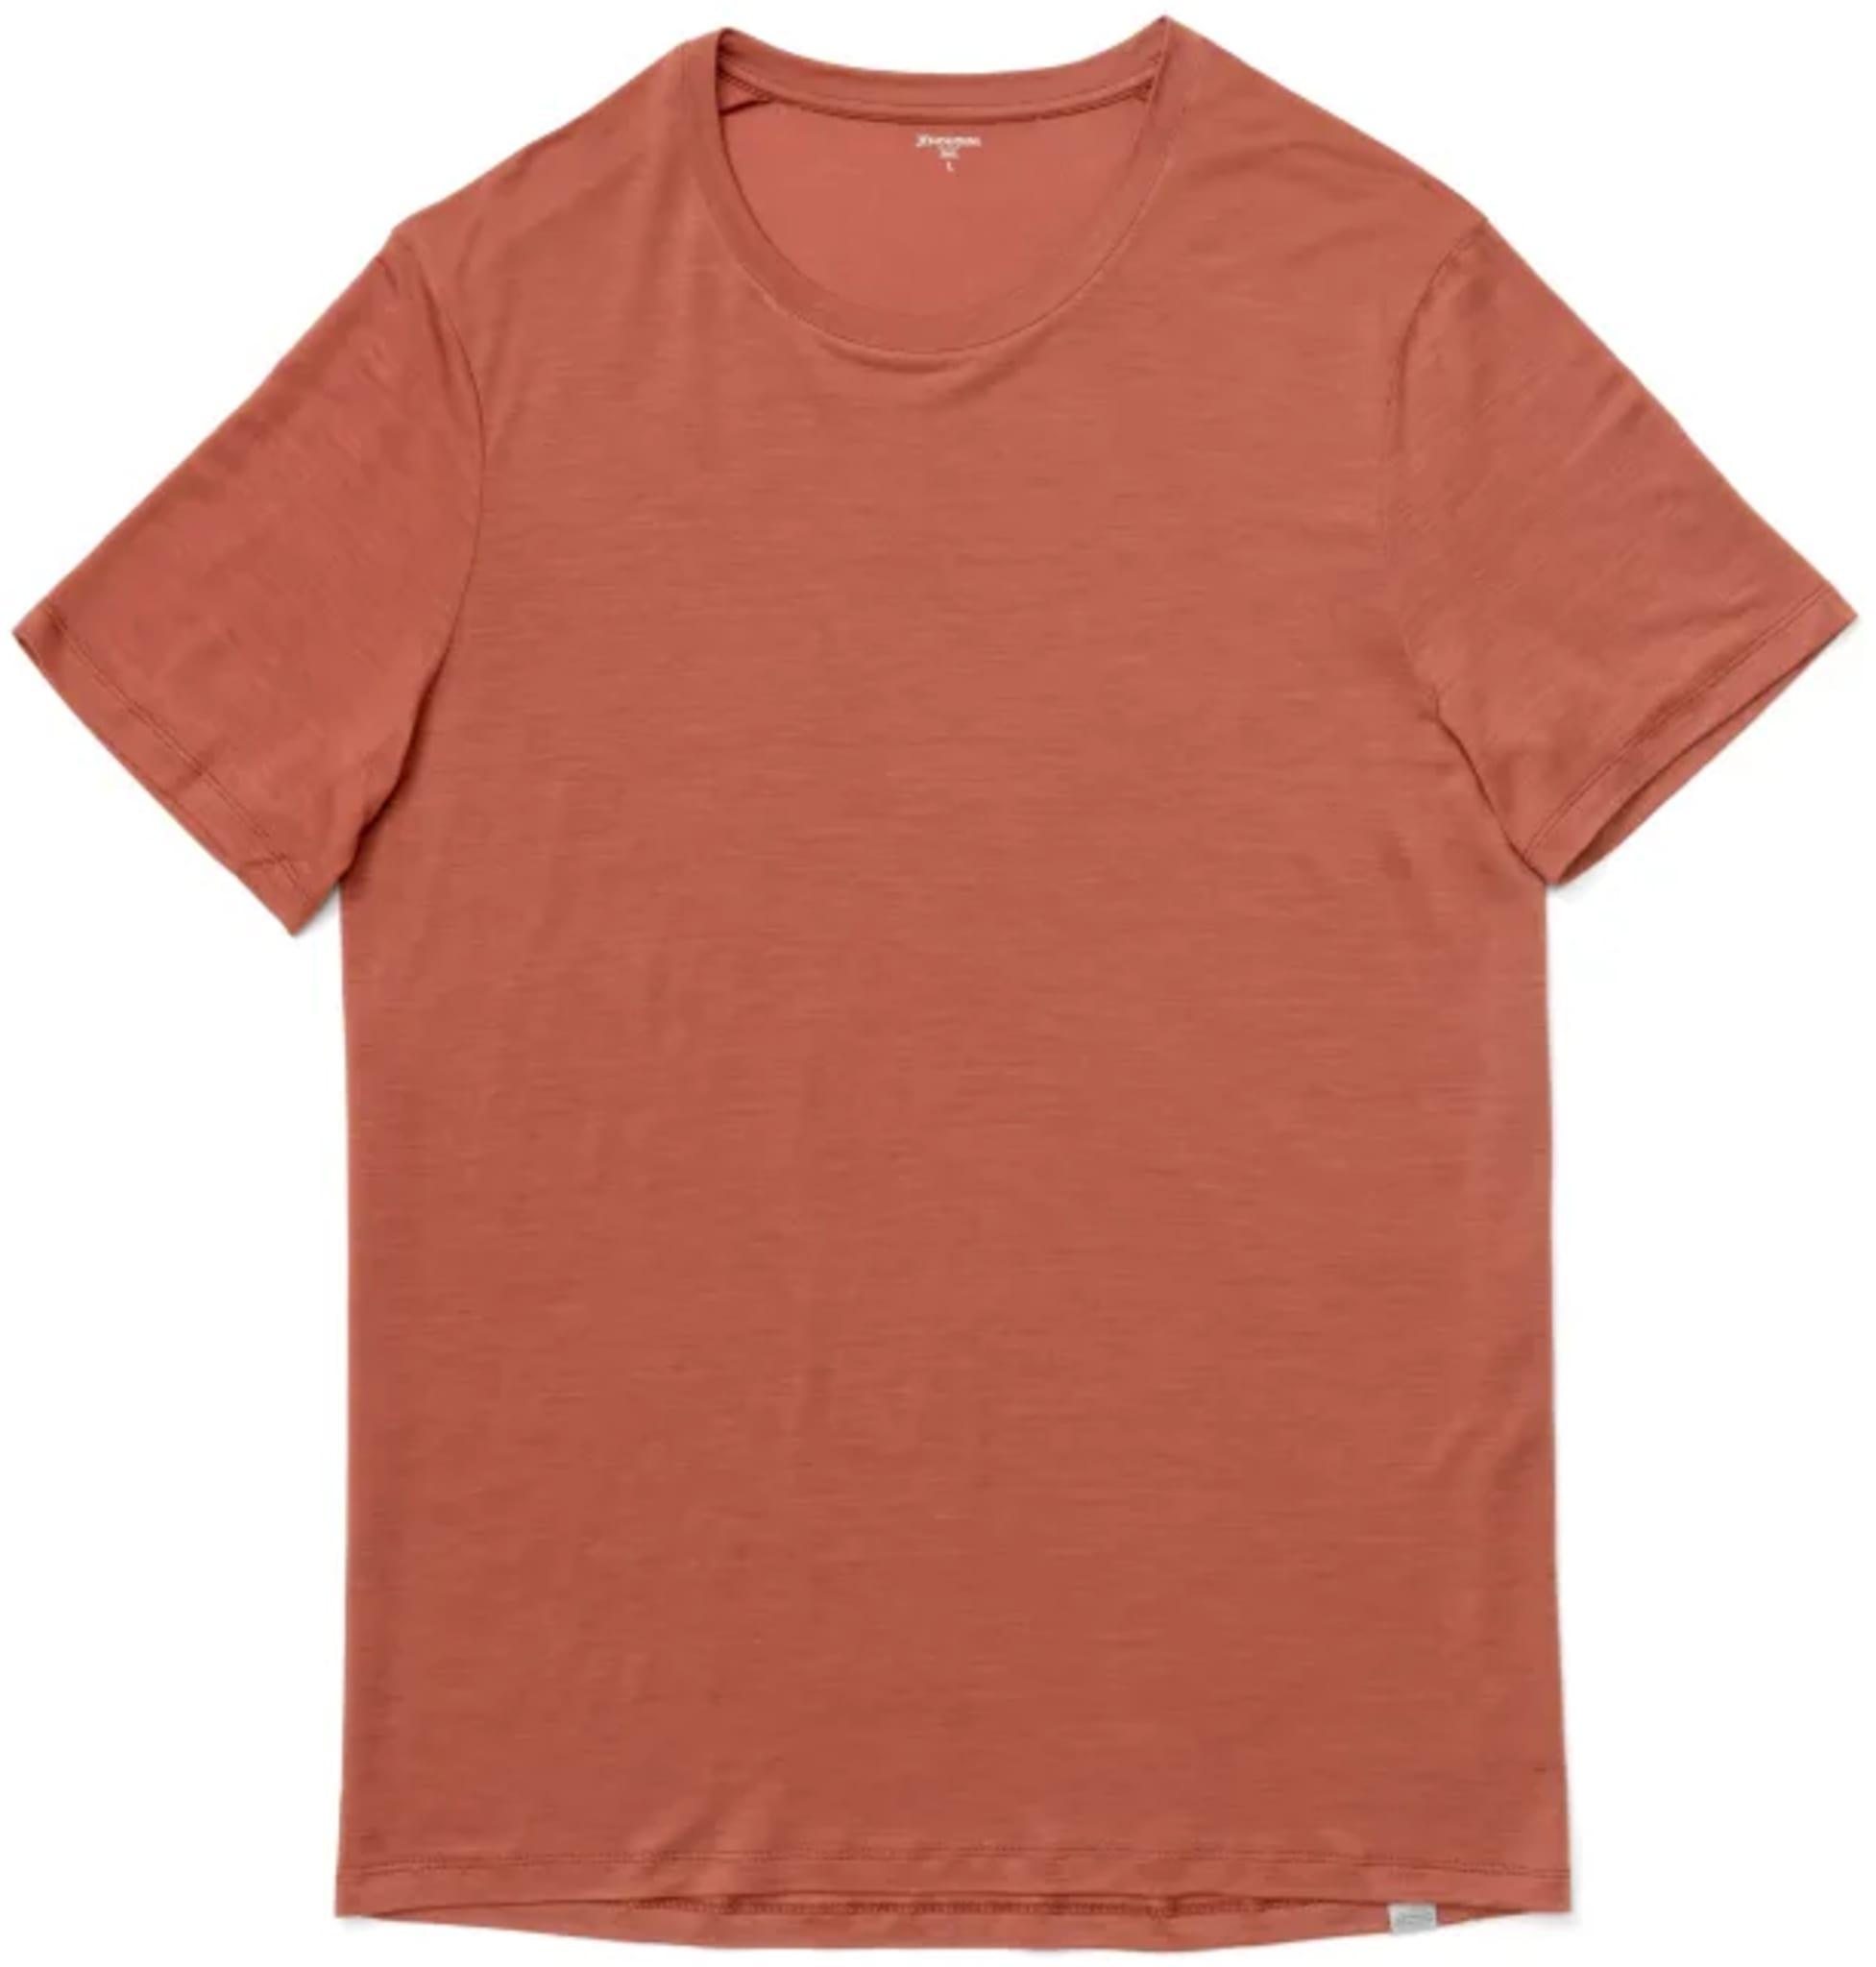 Supermyk og komfy t-skjorte laget av trekjerner